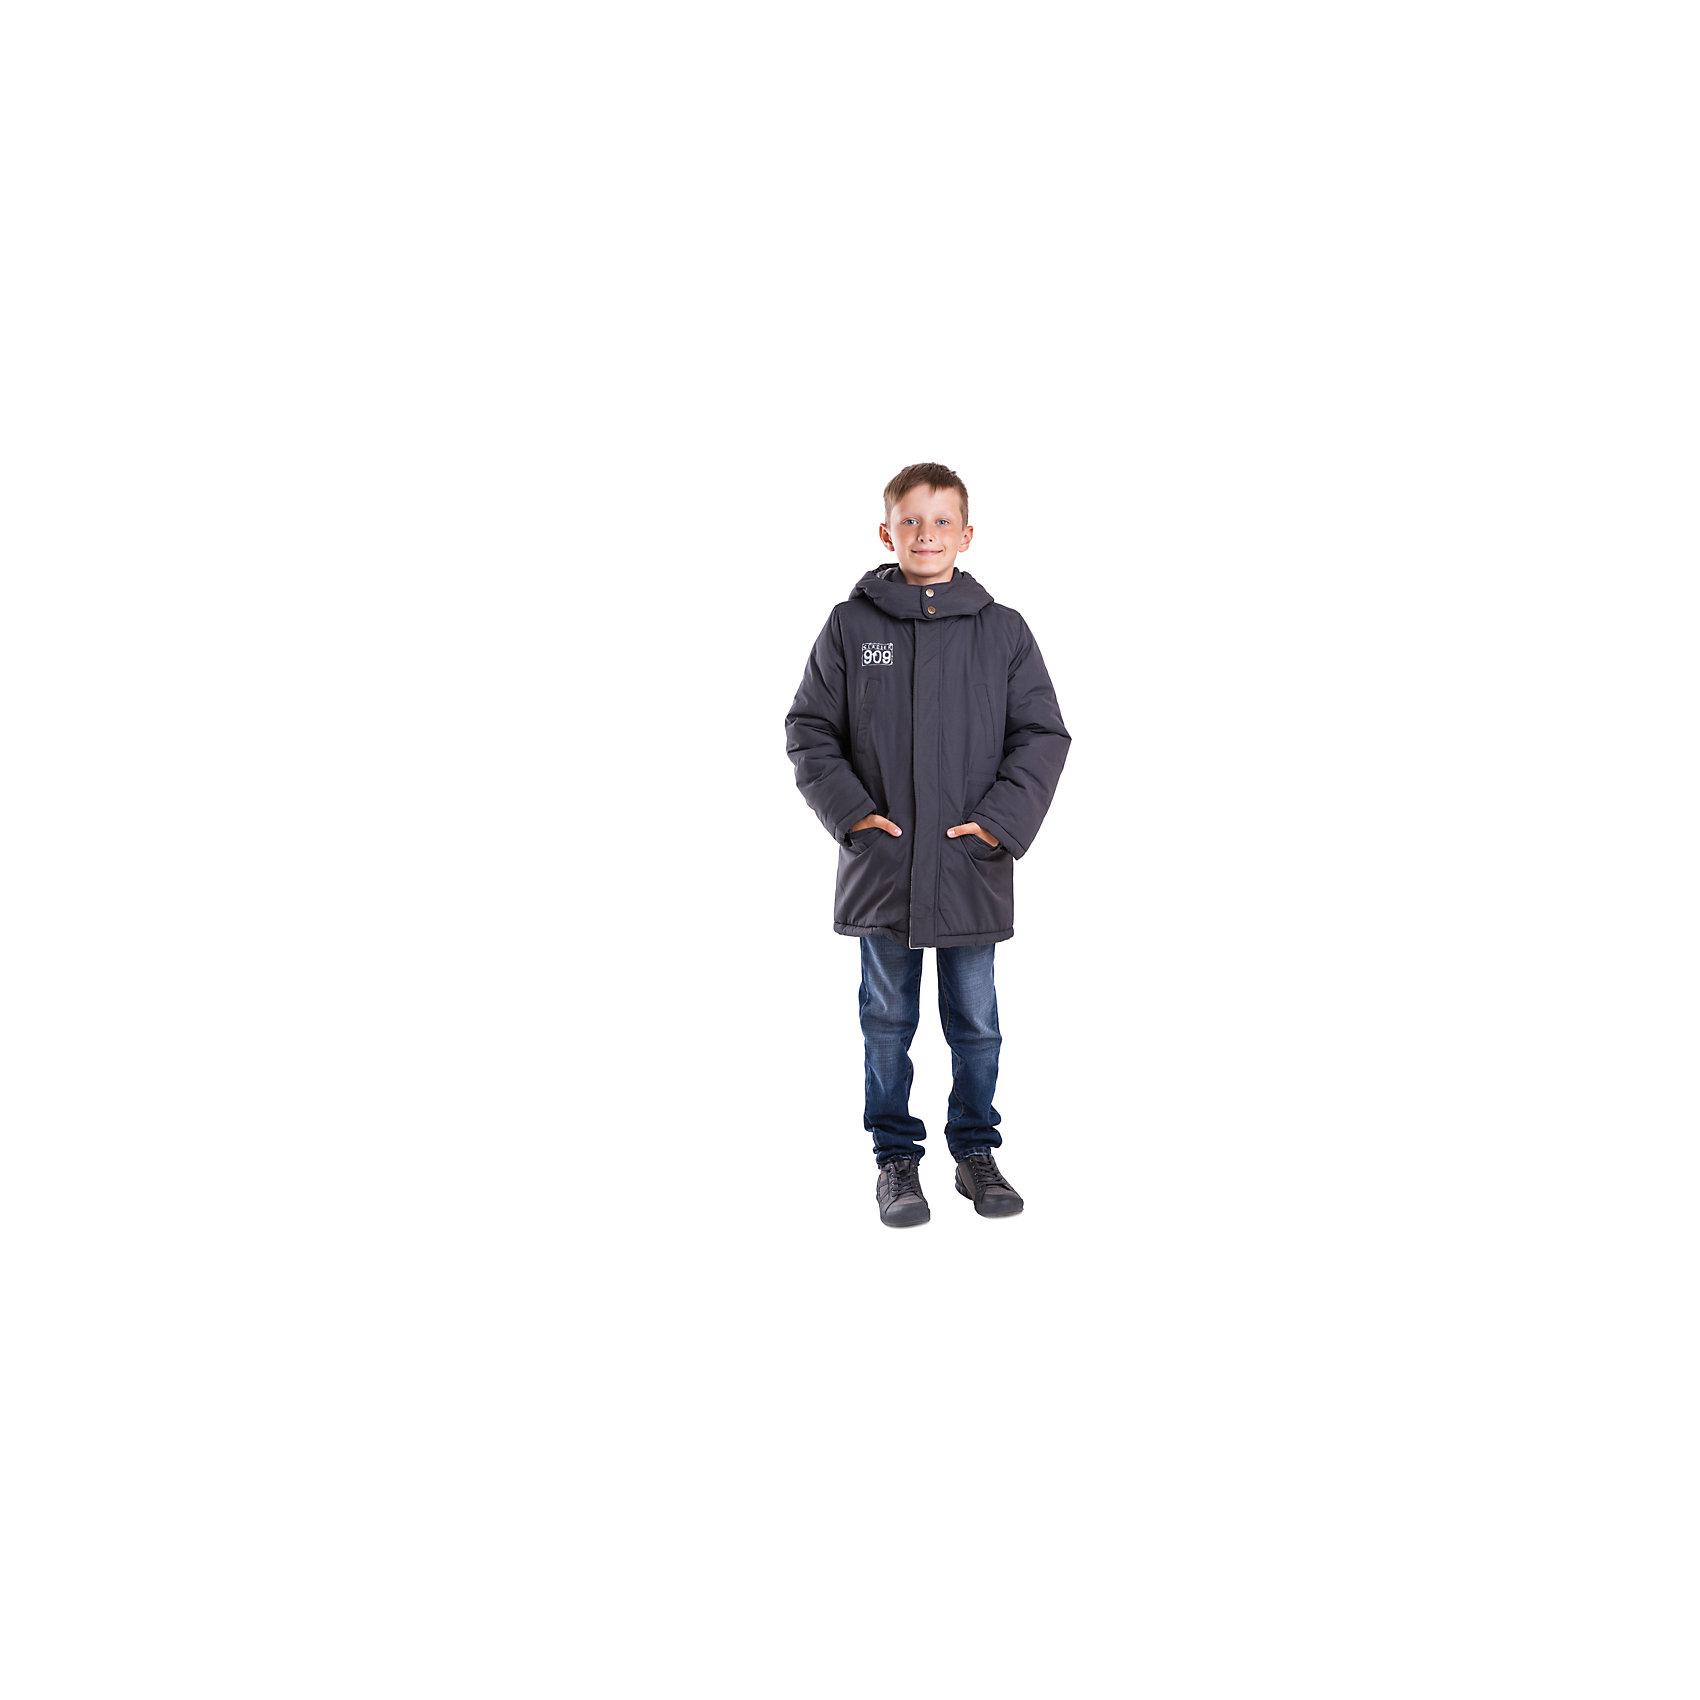 Куртка для мальчика ScoolКуртка для мальчика Scool Стильная утепленная куртка с капюшоном<br>* воротник-стойка<br>* капюшон с ветрозащитным клапаном на кнопки и резинкой, регулируемый стопперами<br>* застежка - молния; защита подбородка до роста 140см; ветрозащитная планка с застежкой на кнопки<br>* дополнительные манжеты - трикотажная резинка<br>* пояс утягивается резинкой со стопперами<br>* модель с множеством функциональных карманов: боковые с клапаном на липучку, нагрудные с застежкой на молнию<br>* длина куртки - середина бедра<br>* легкая ткань с водоотталкивающе Состав: верх: 100% нейлон, <br>подкладка: 100% полиэстер, <br>наполнитель: 100% полиэстер, 150г<br><br>Ширина мм: 356<br>Глубина мм: 10<br>Высота мм: 245<br>Вес г: 519<br>Цвет: разноцветный<br>Возраст от месяцев: 96<br>Возраст до месяцев: 108<br>Пол: Мужской<br>Возраст: Детский<br>Размер: 134,140,158,164,152,146<br>SKU: 4228159